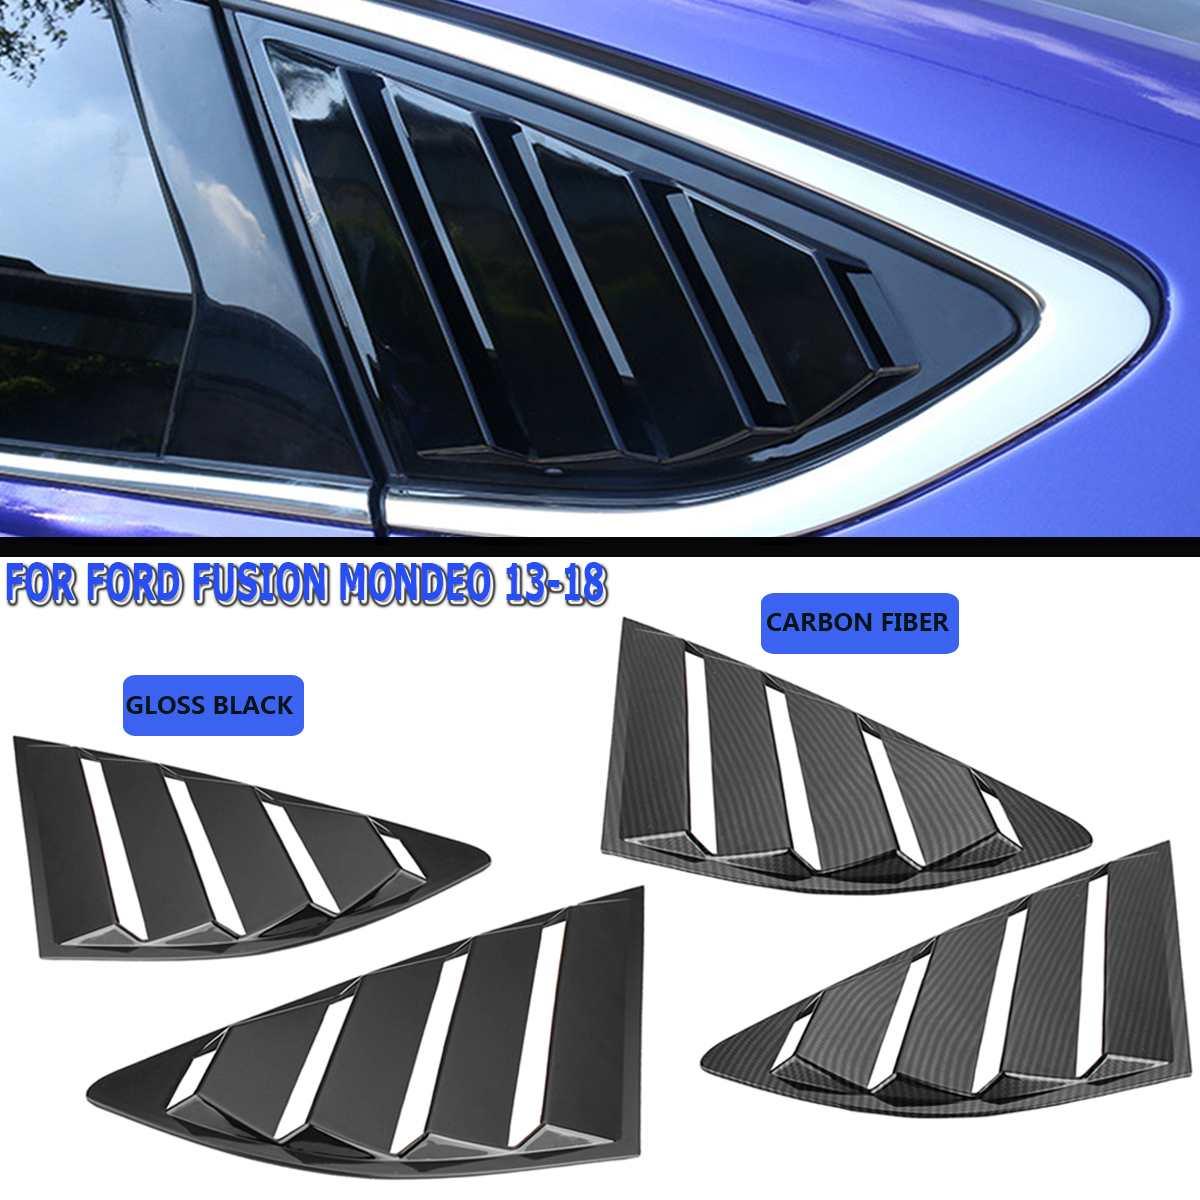 Ford Fusion pour Mondeo | Paire de ventilateurs de couverture pour vitres latérales de voiture, style de voiture pour Ford Fusion, 2013 2014 2015 2016 2017